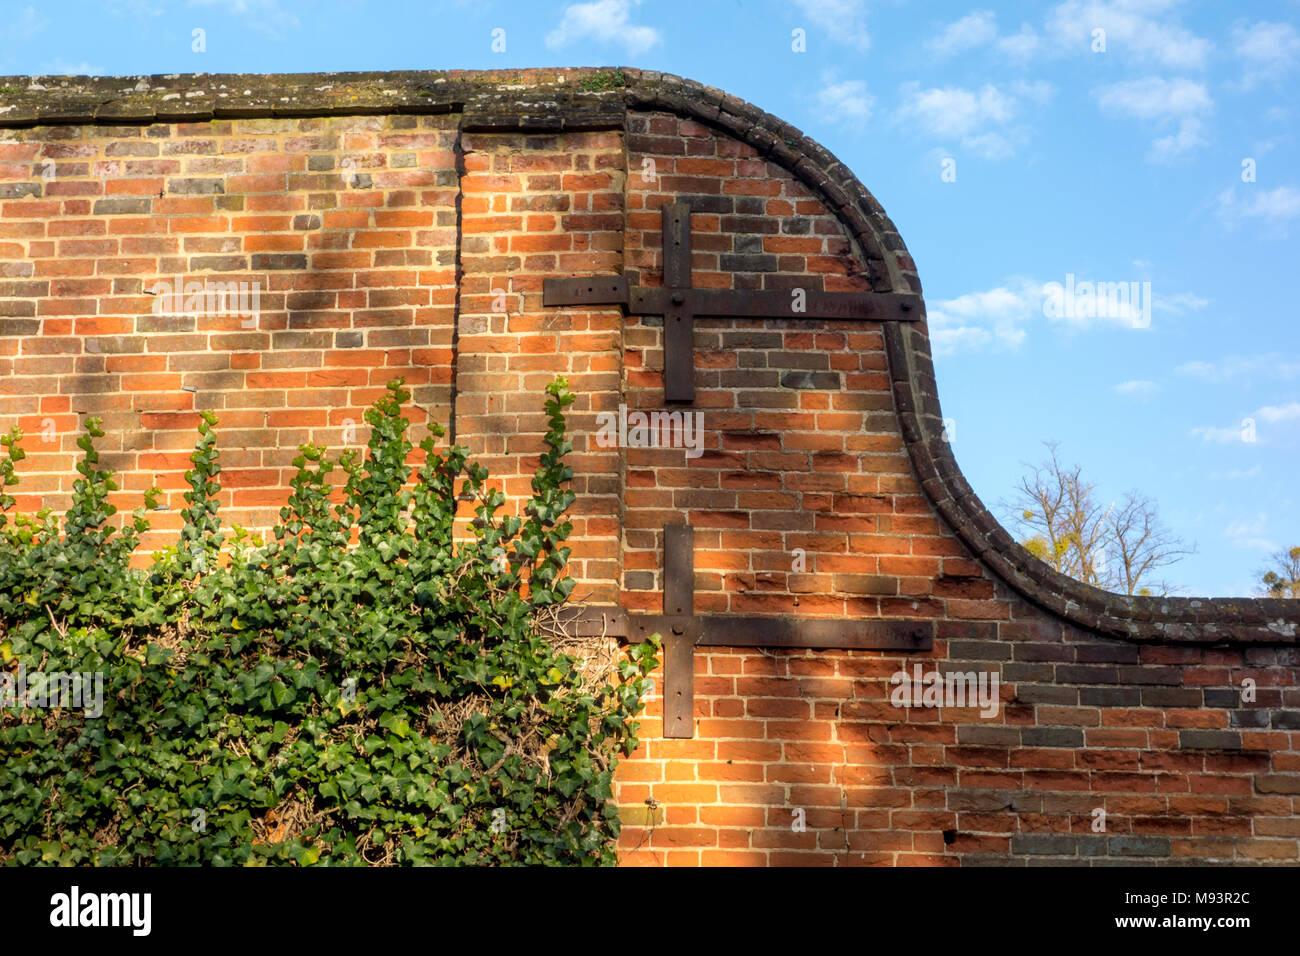 Alte Mauer mit Metall Beibehaltung unterstützt Stockbild